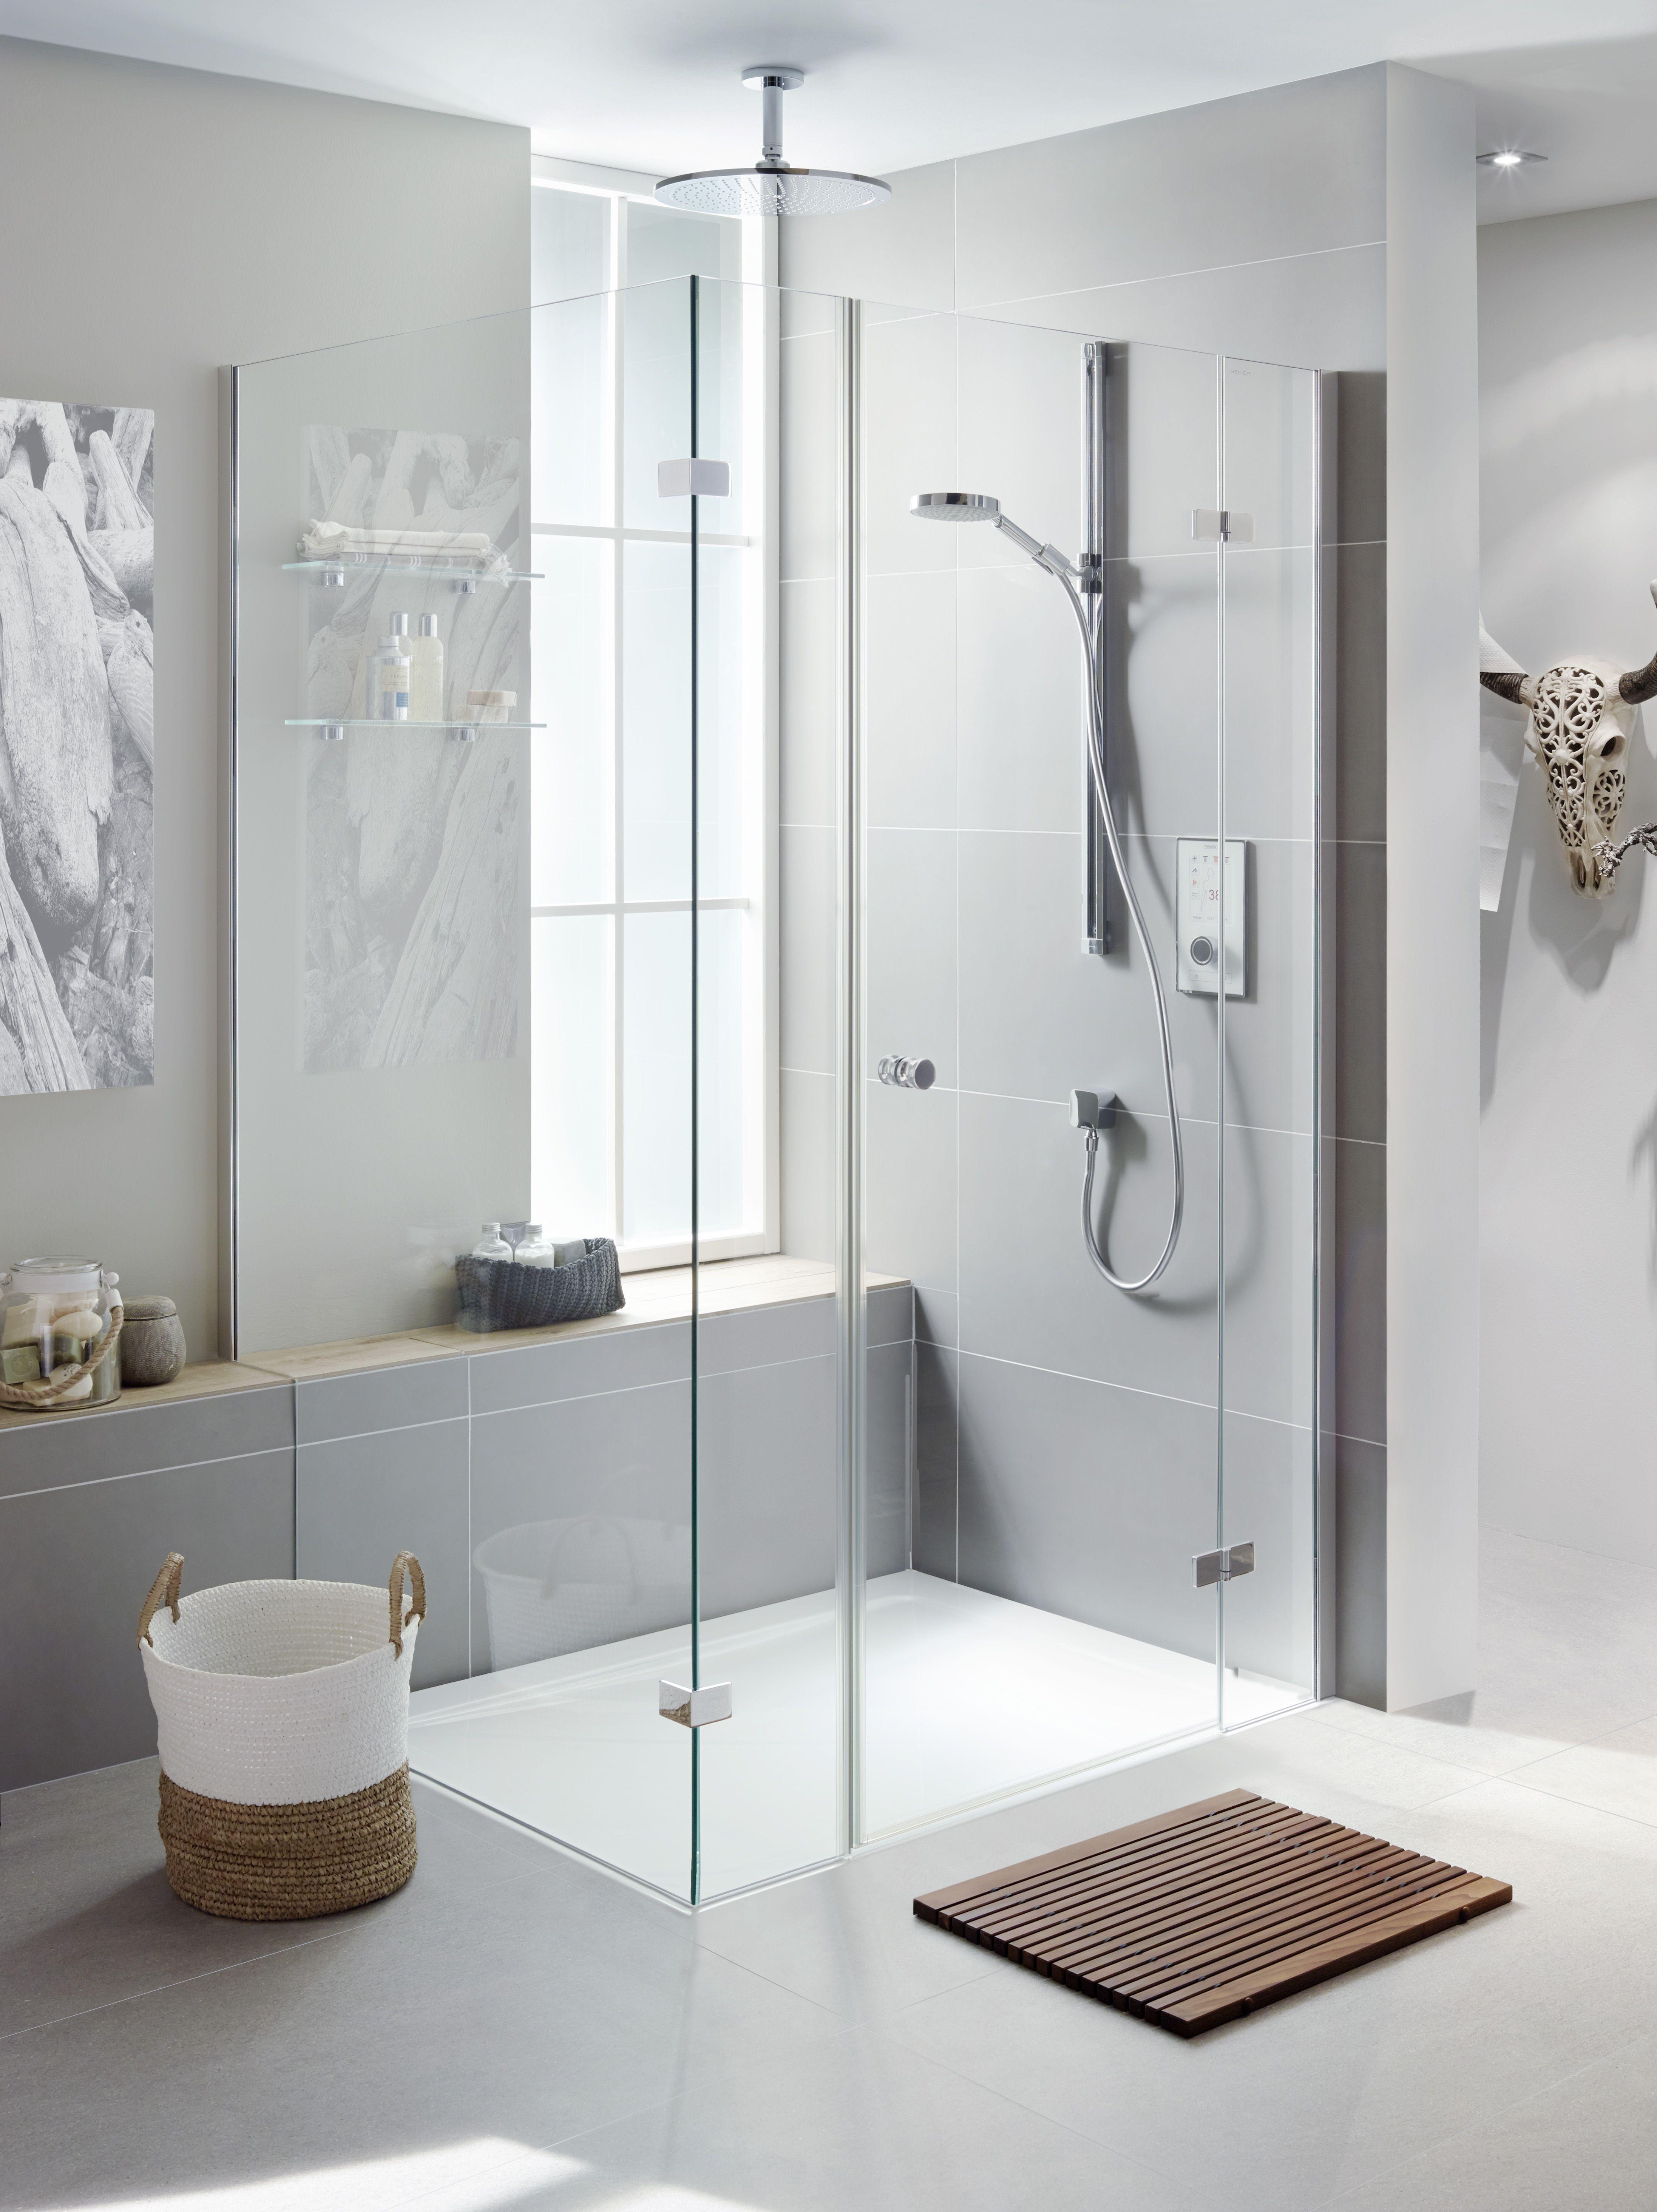 Die Viereck Duschkabine Fur Ihr Badezimmer Unilight Modell 261